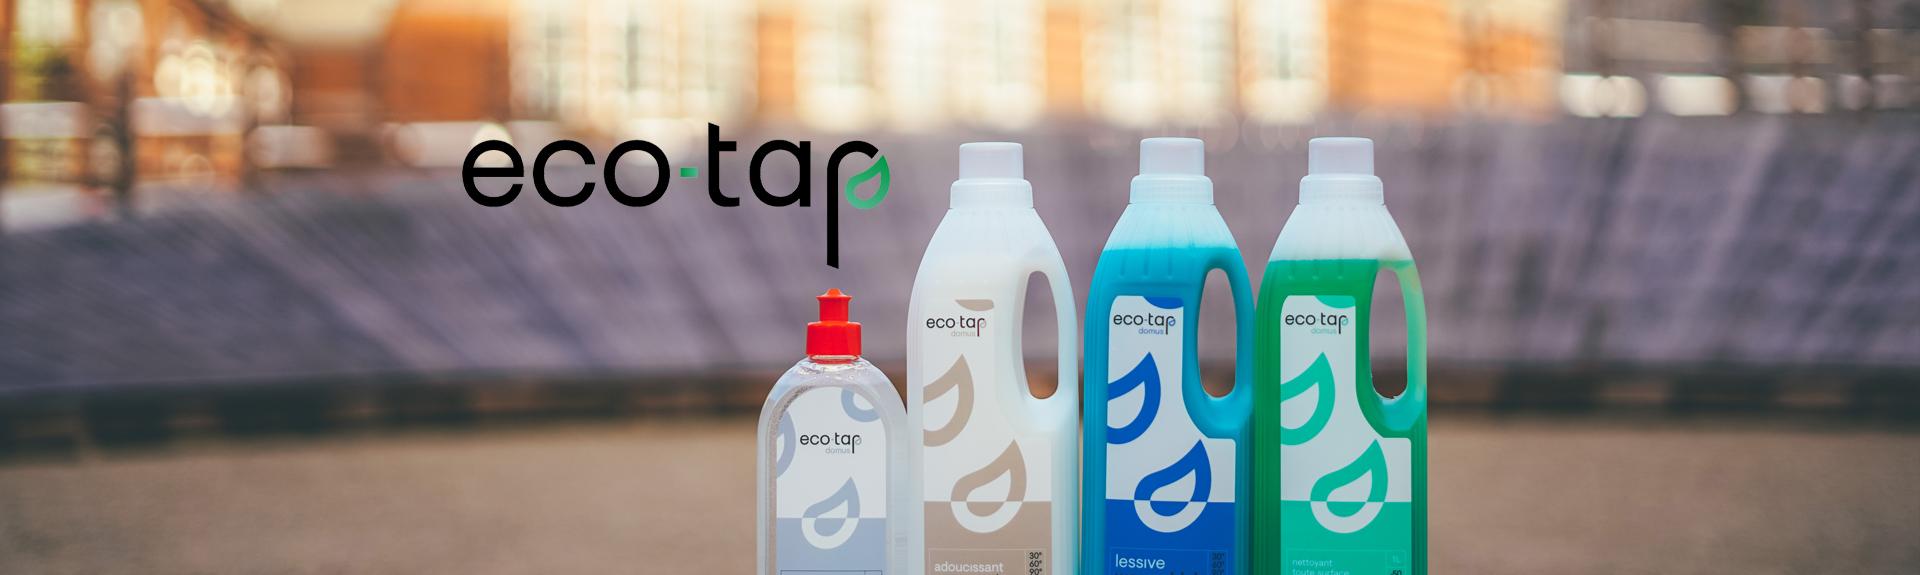 Eco-tap, le spécialiste des produits d'entretien zéro-déchet, augmente son capital pour développer son réseau de distribution